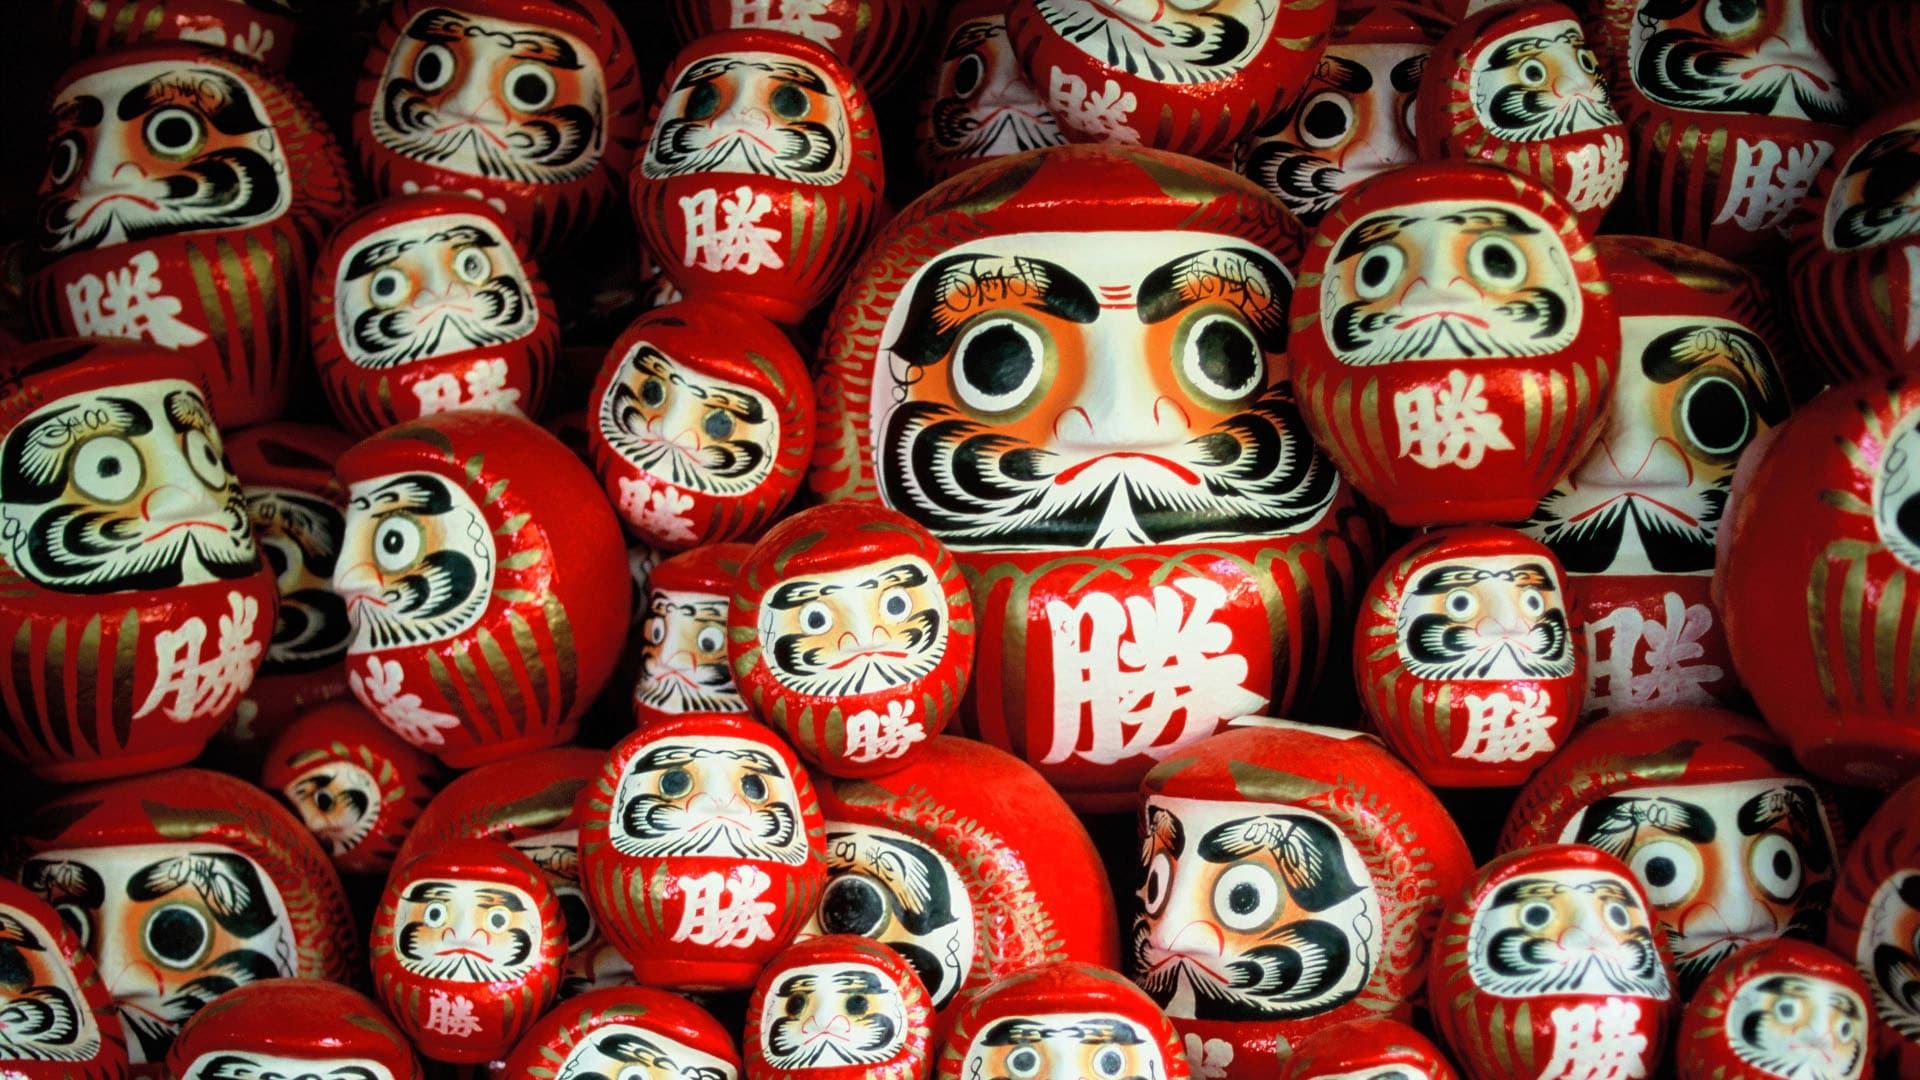 「勝尾寺の勝ちダルマ」大阪府, 箕面市 (© bill rubie/Alamy)